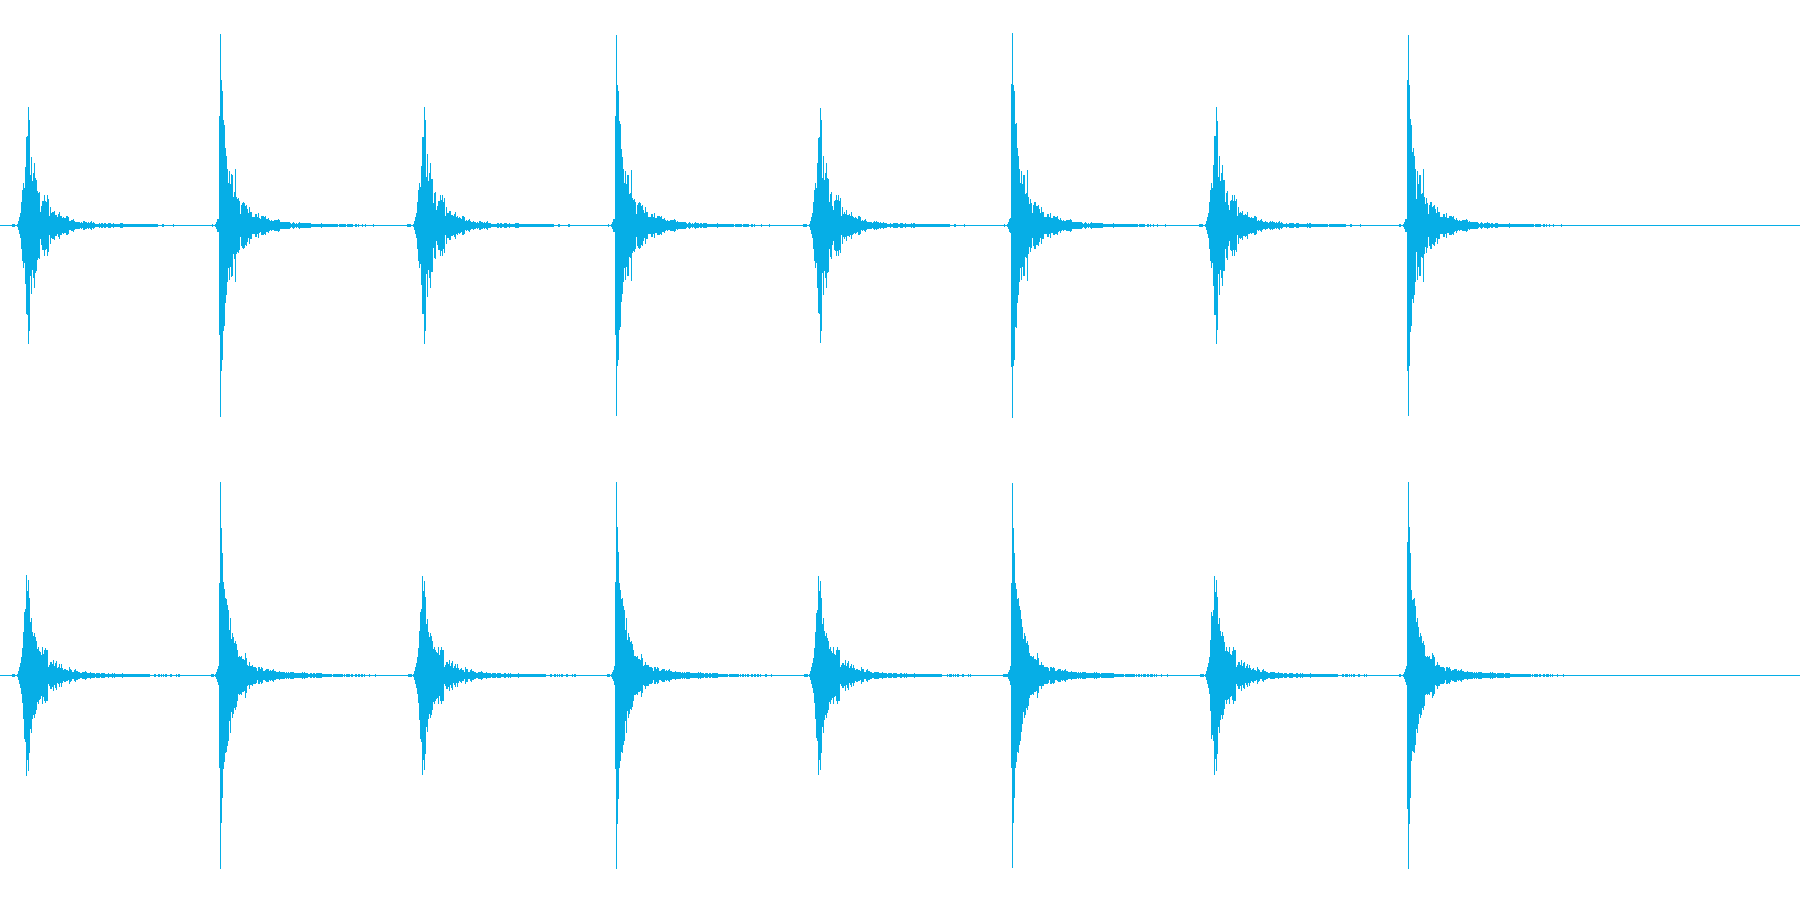 カチカチカチカチ(振り子時計、古い)の再生済みの波形